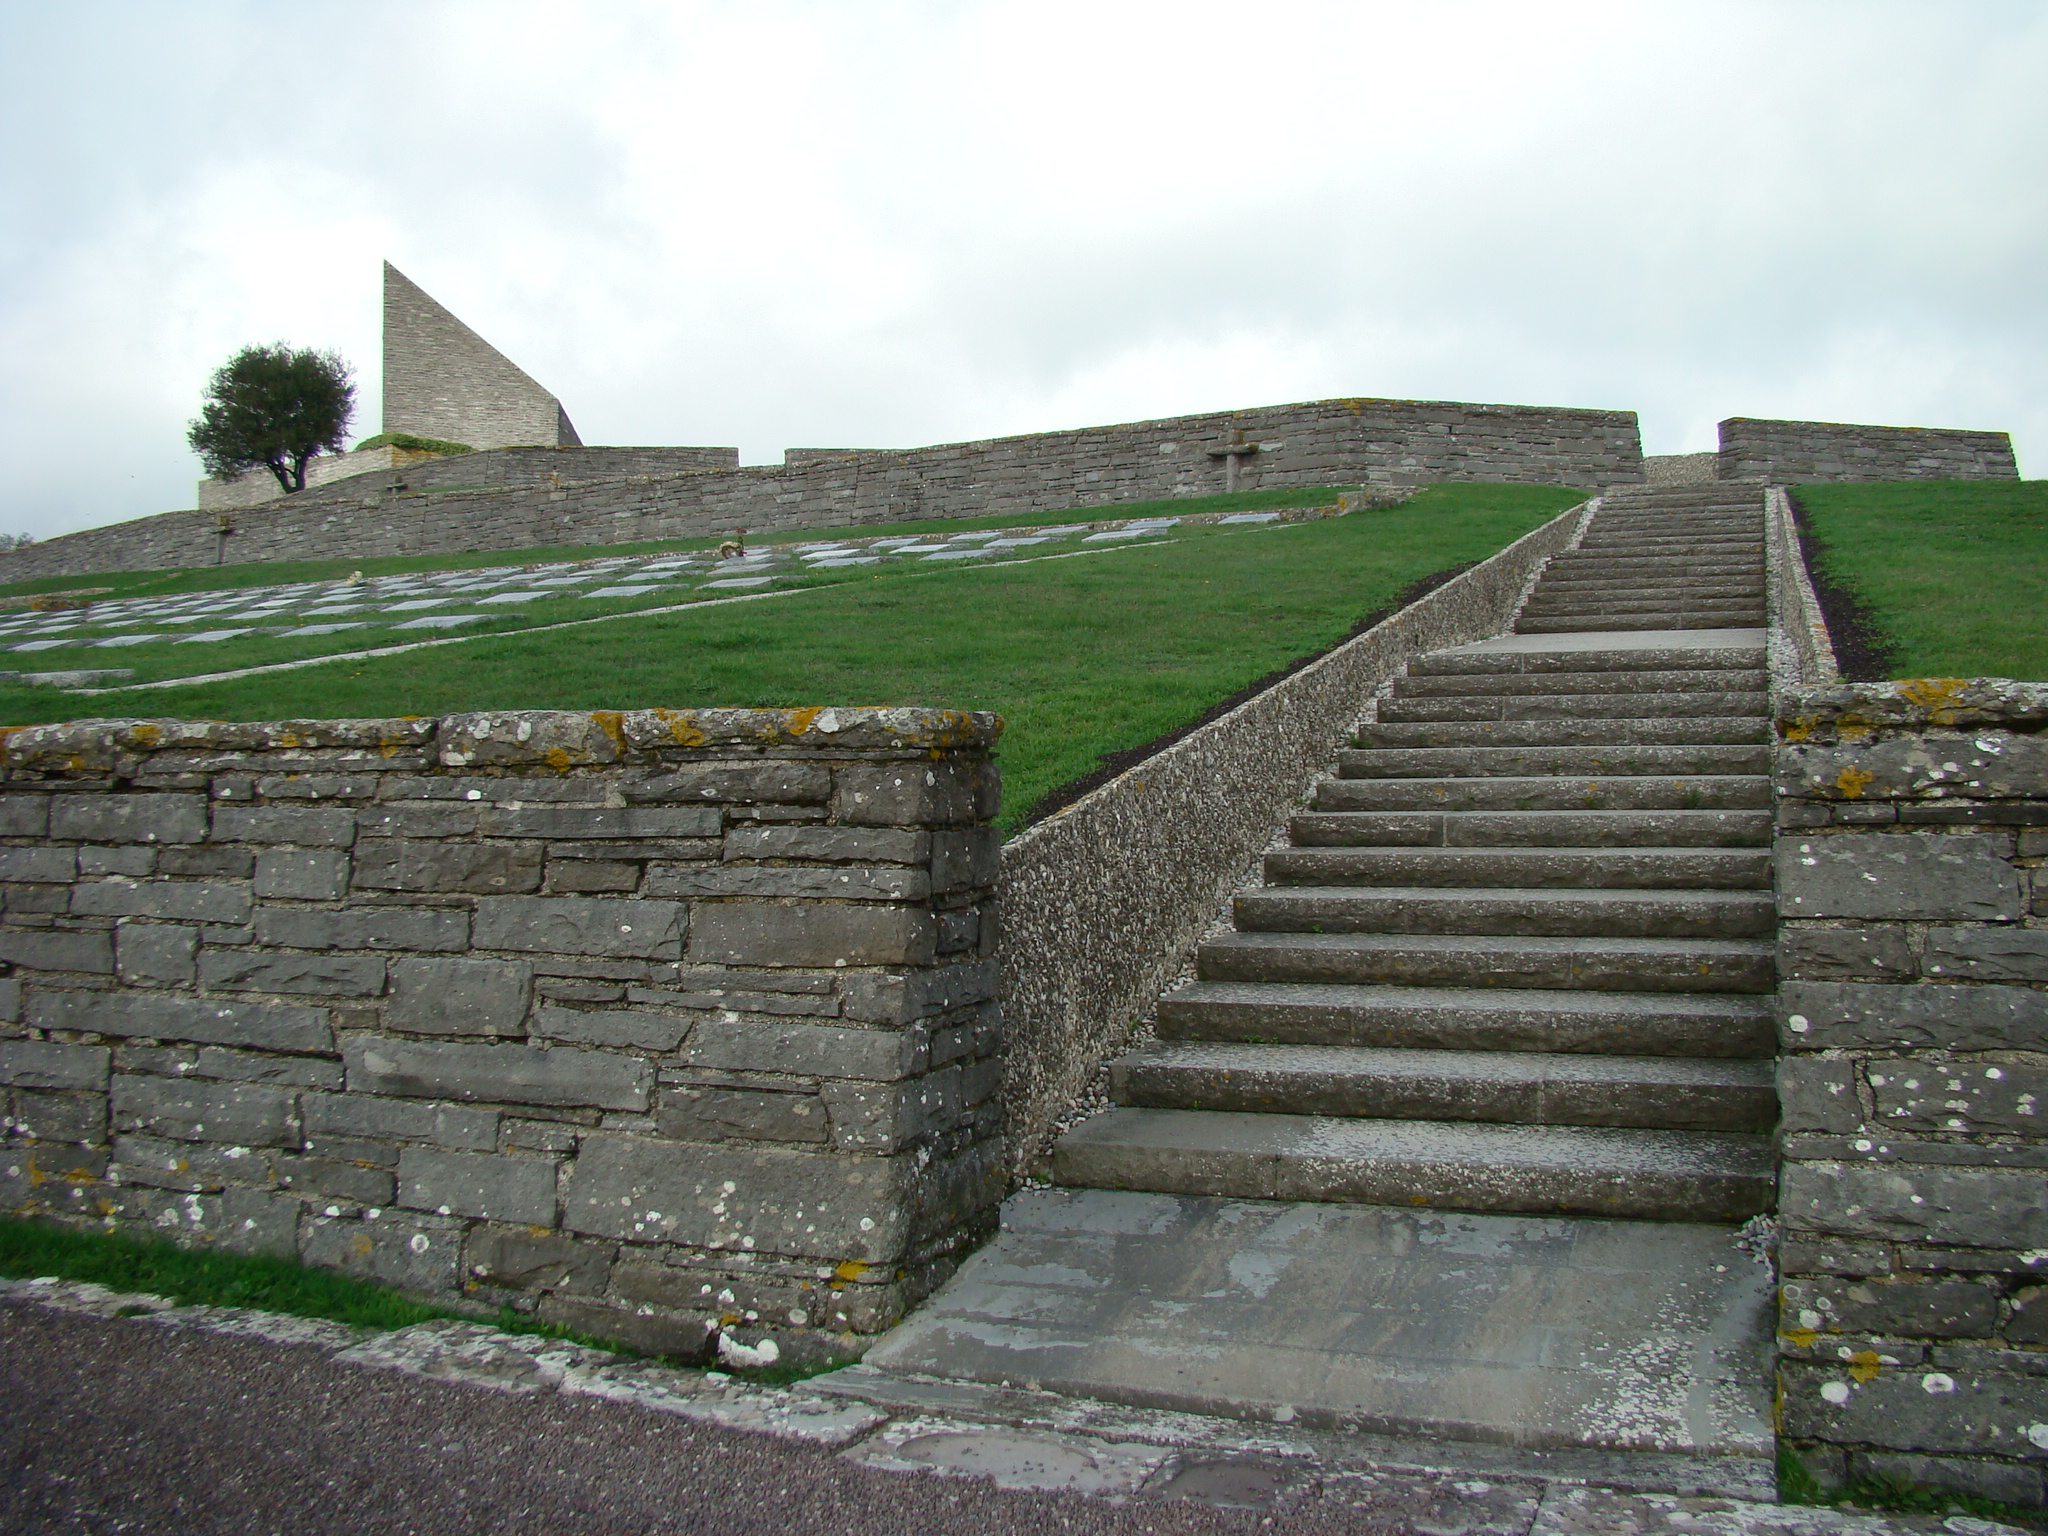 Cimitero Militare Germanico del Passo della Futa (di Giuliana Profeti)